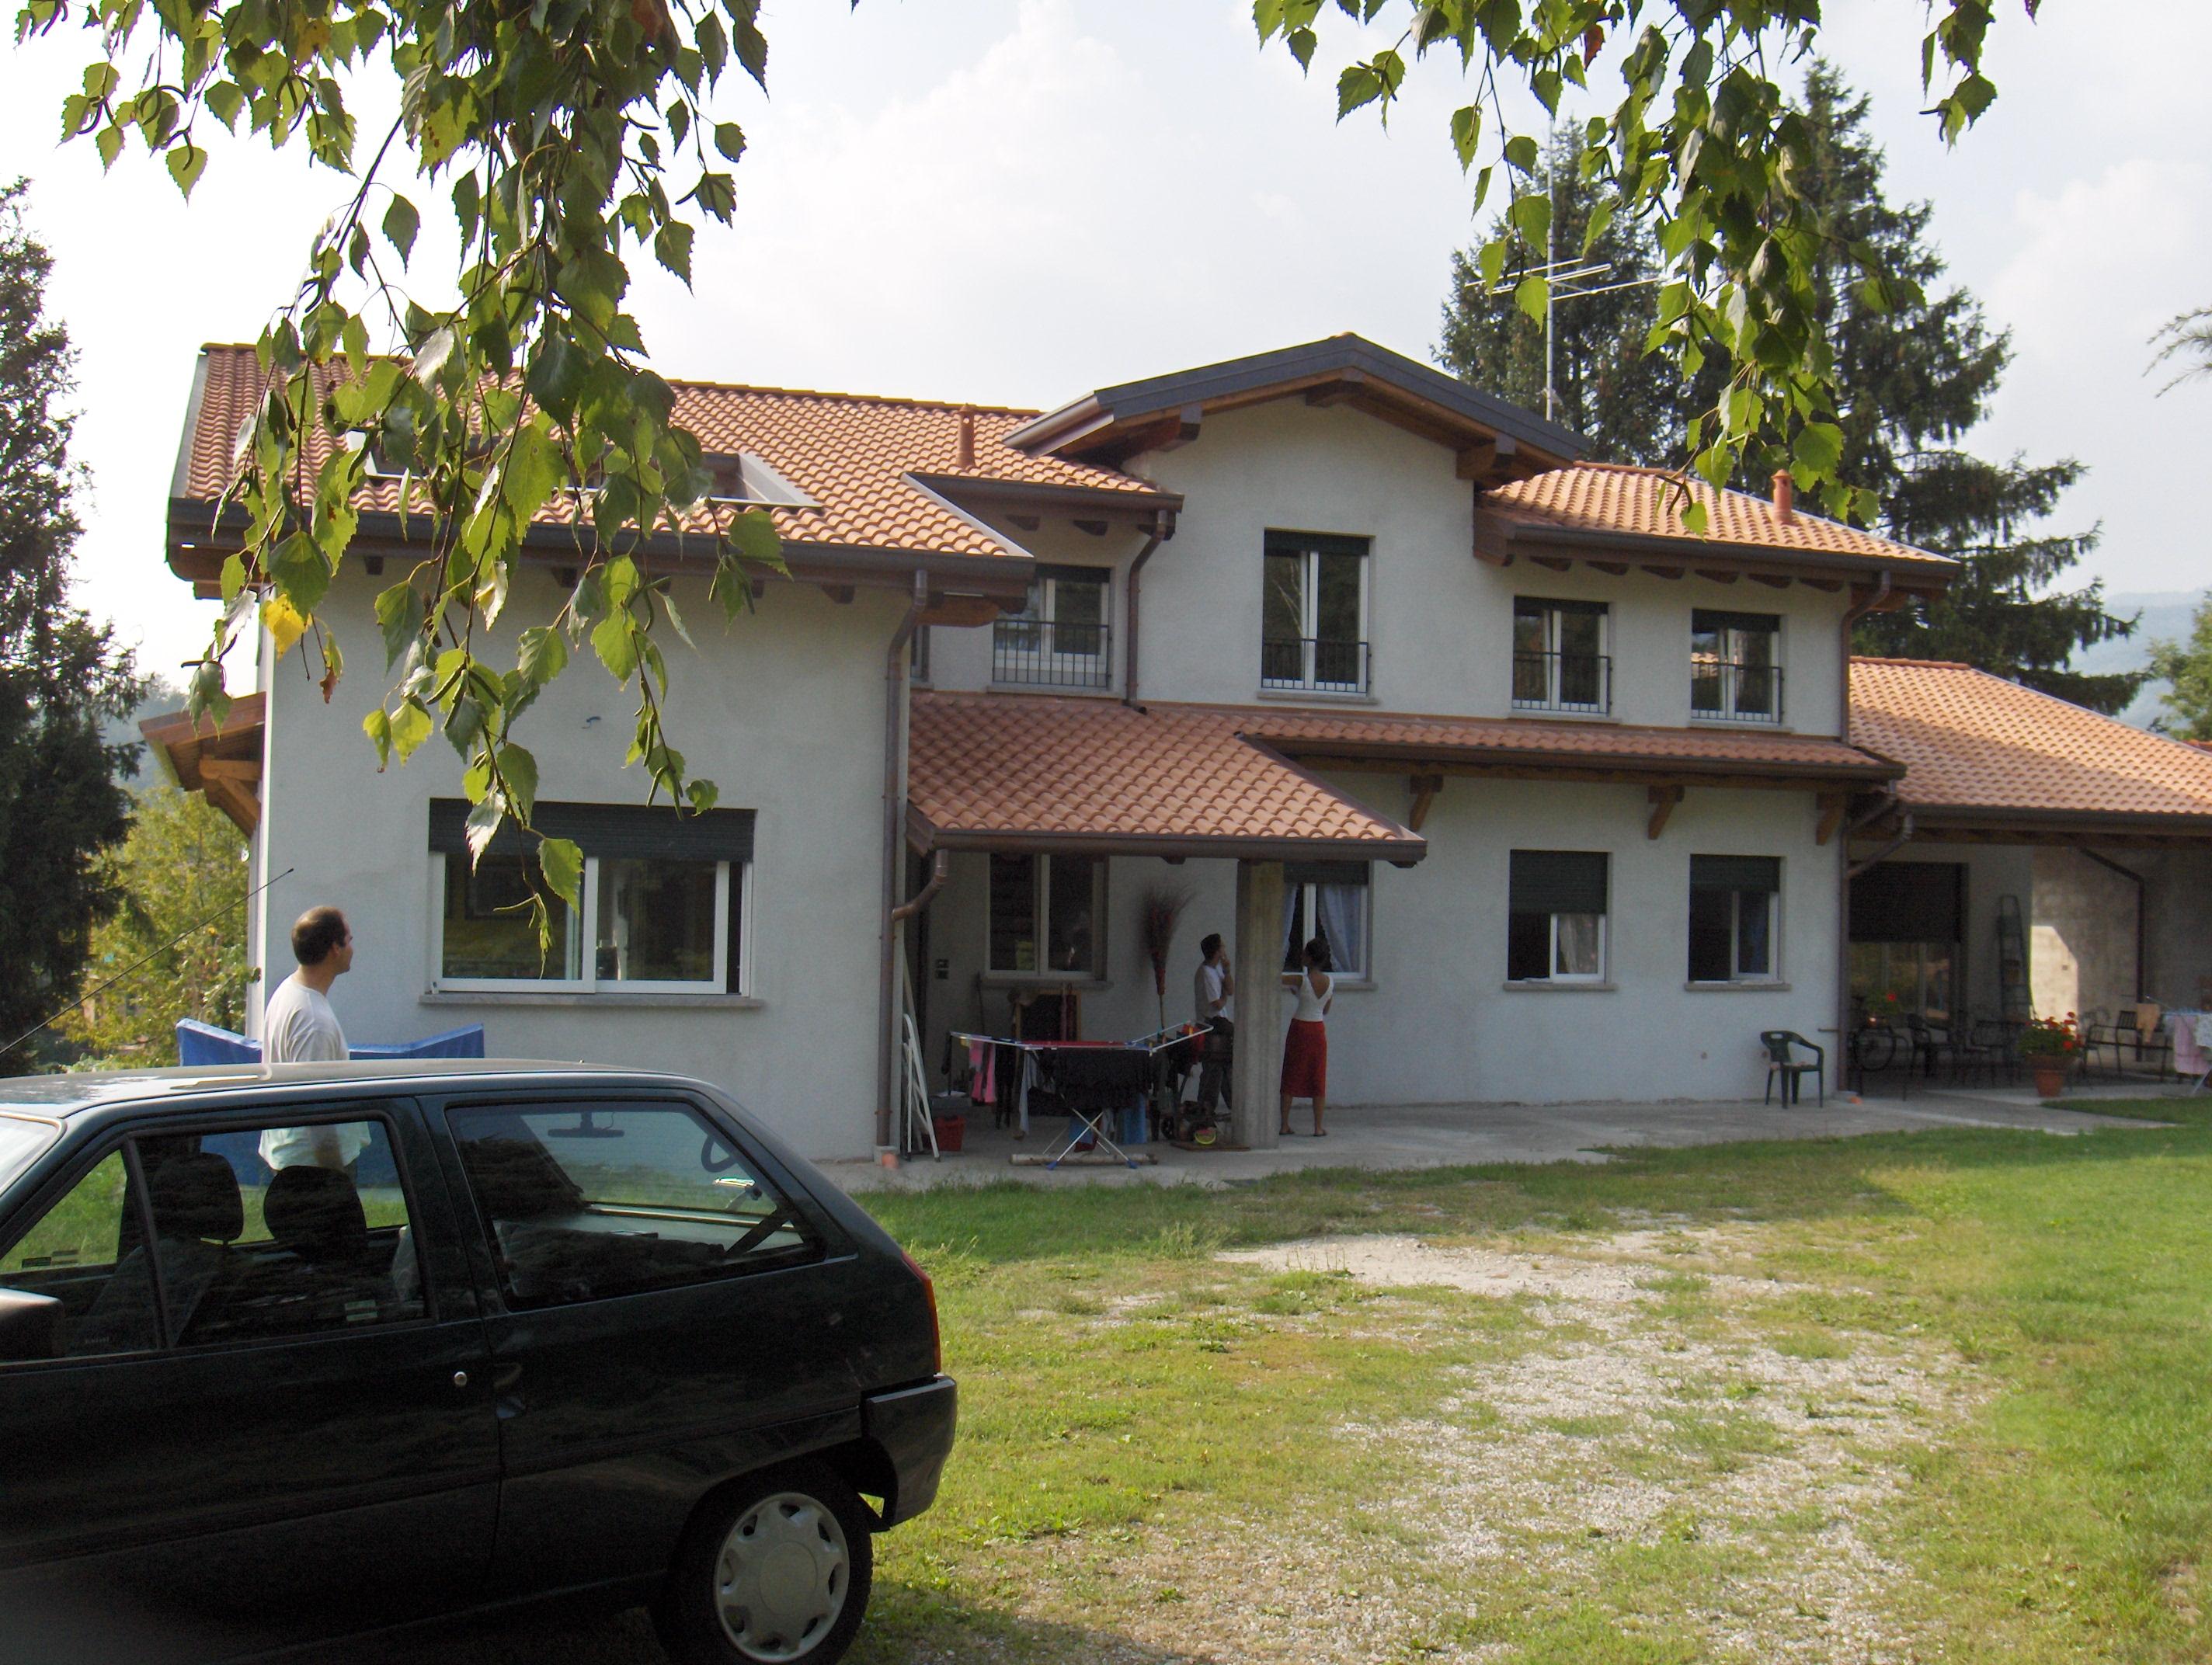 Progetto ristrutturazione villa idee ristrutturazione casa for Idee ristrutturazione casa